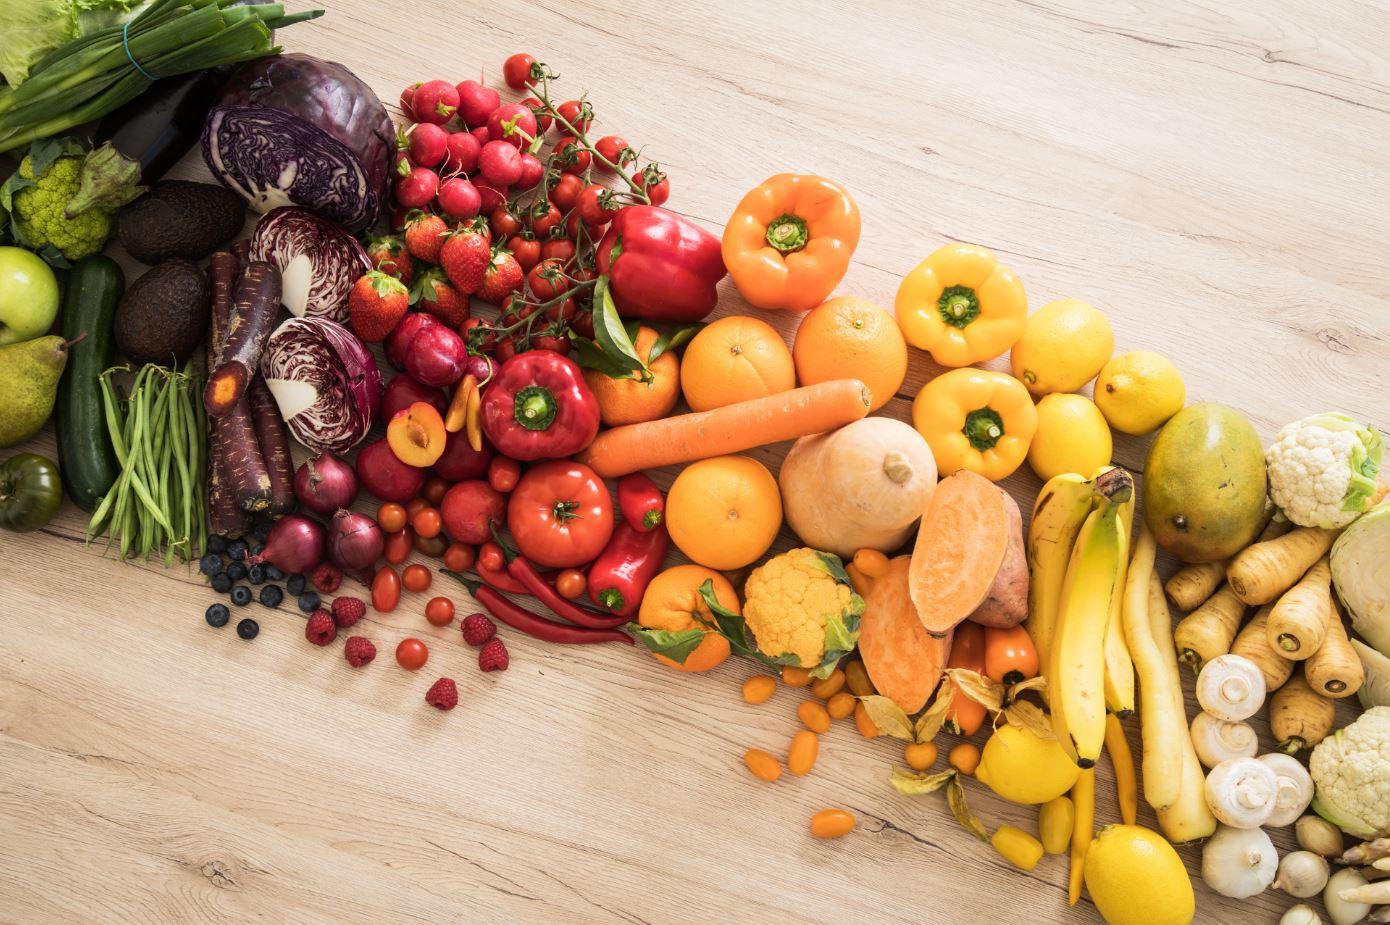 Mucha verdura y poca carne: ¿Qué aporta una dieta alcalina?